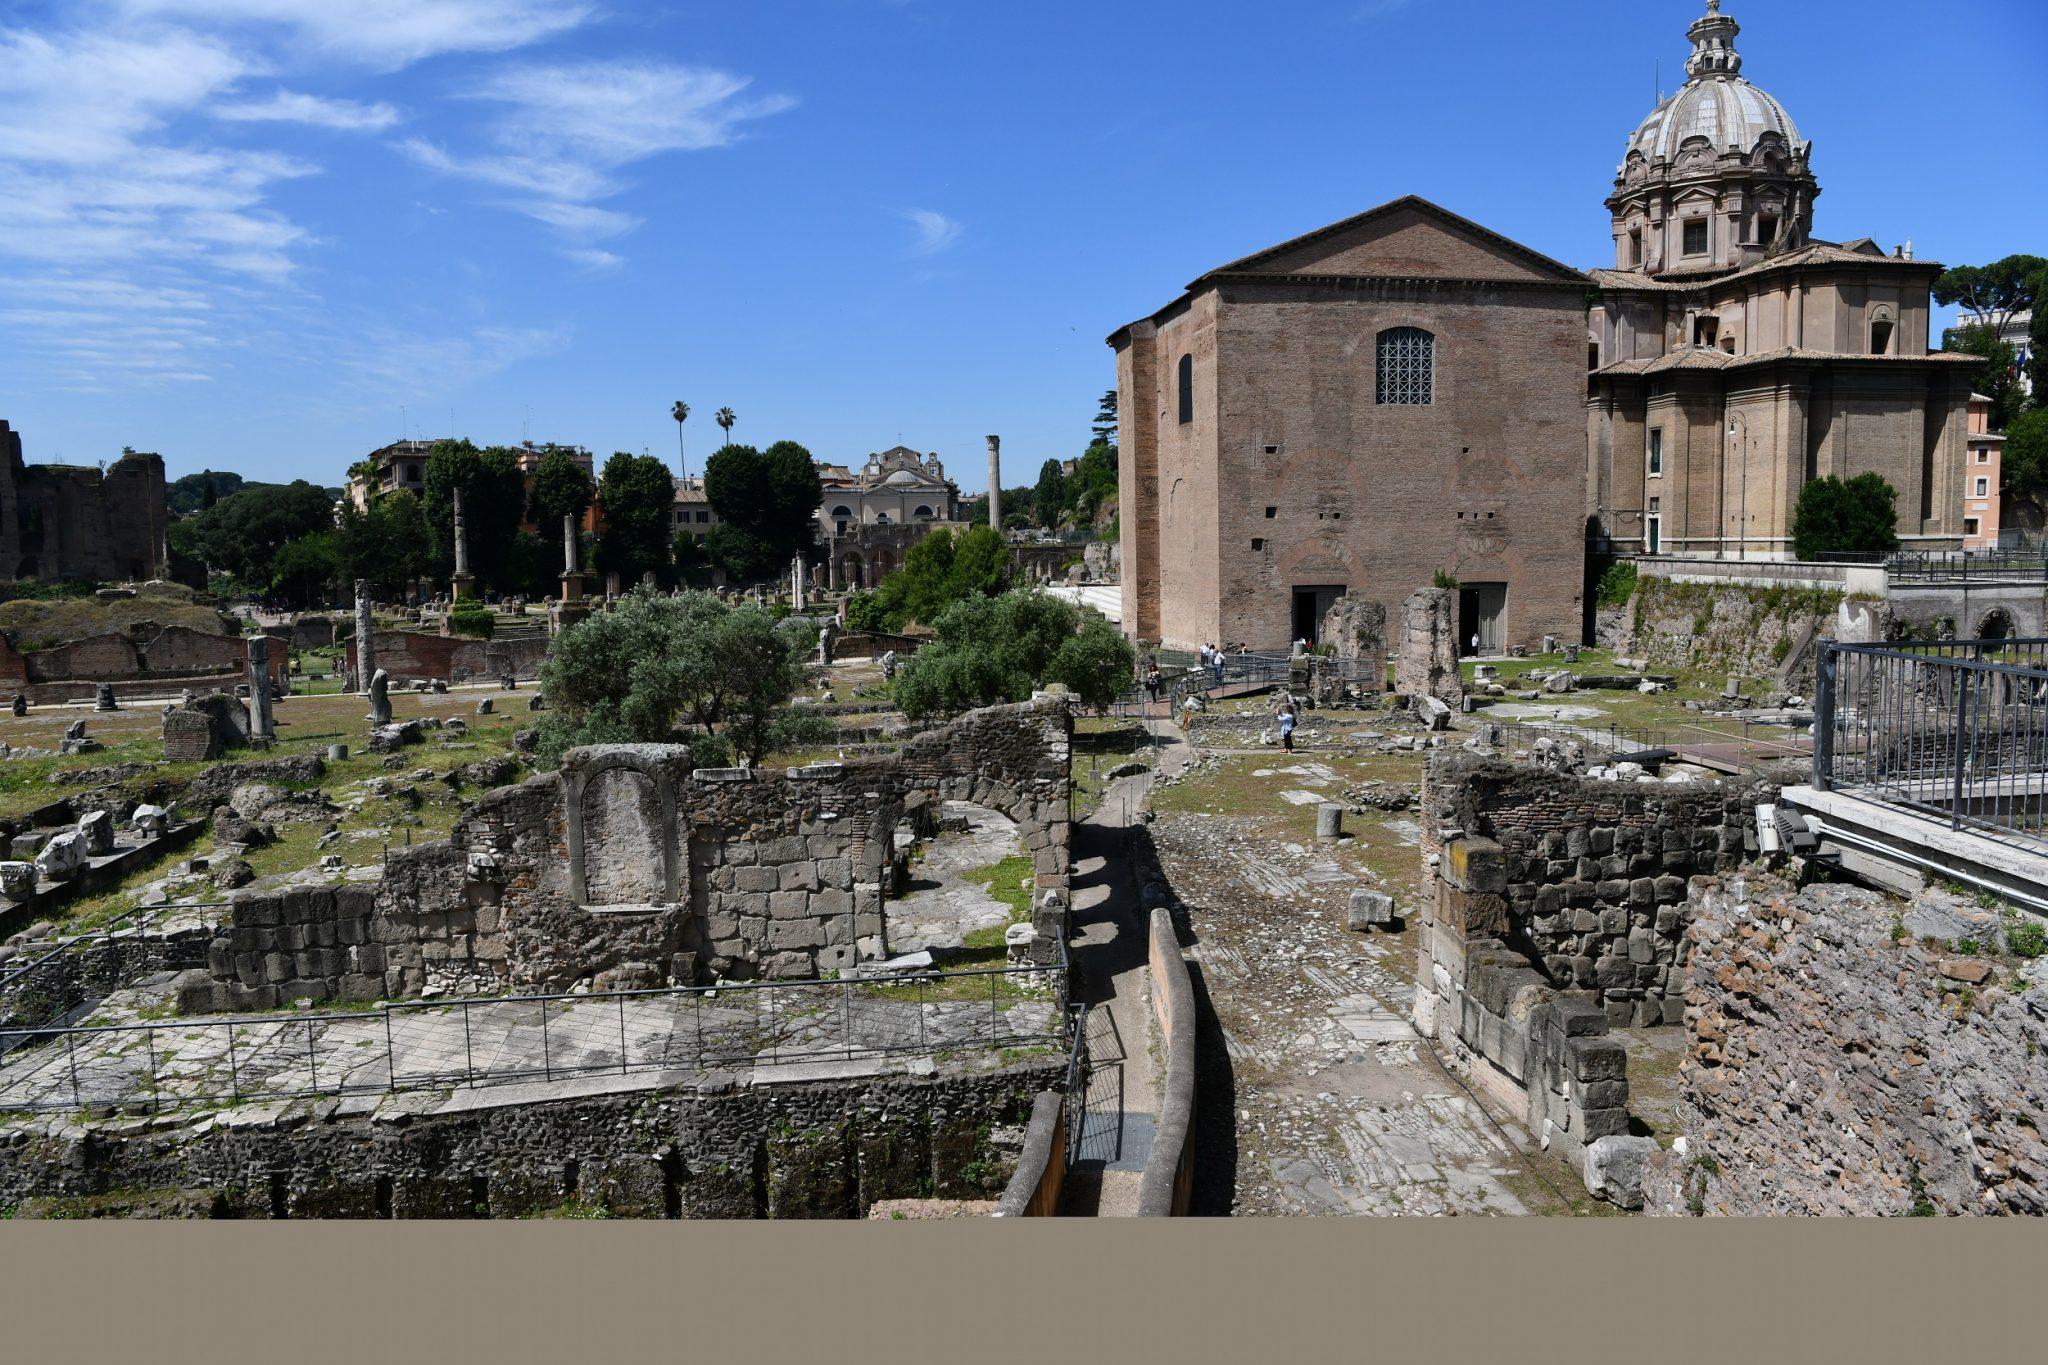 Roma, tremila anni in un colpo solo: per la prima volta i Fori riuniti in un unico percorso